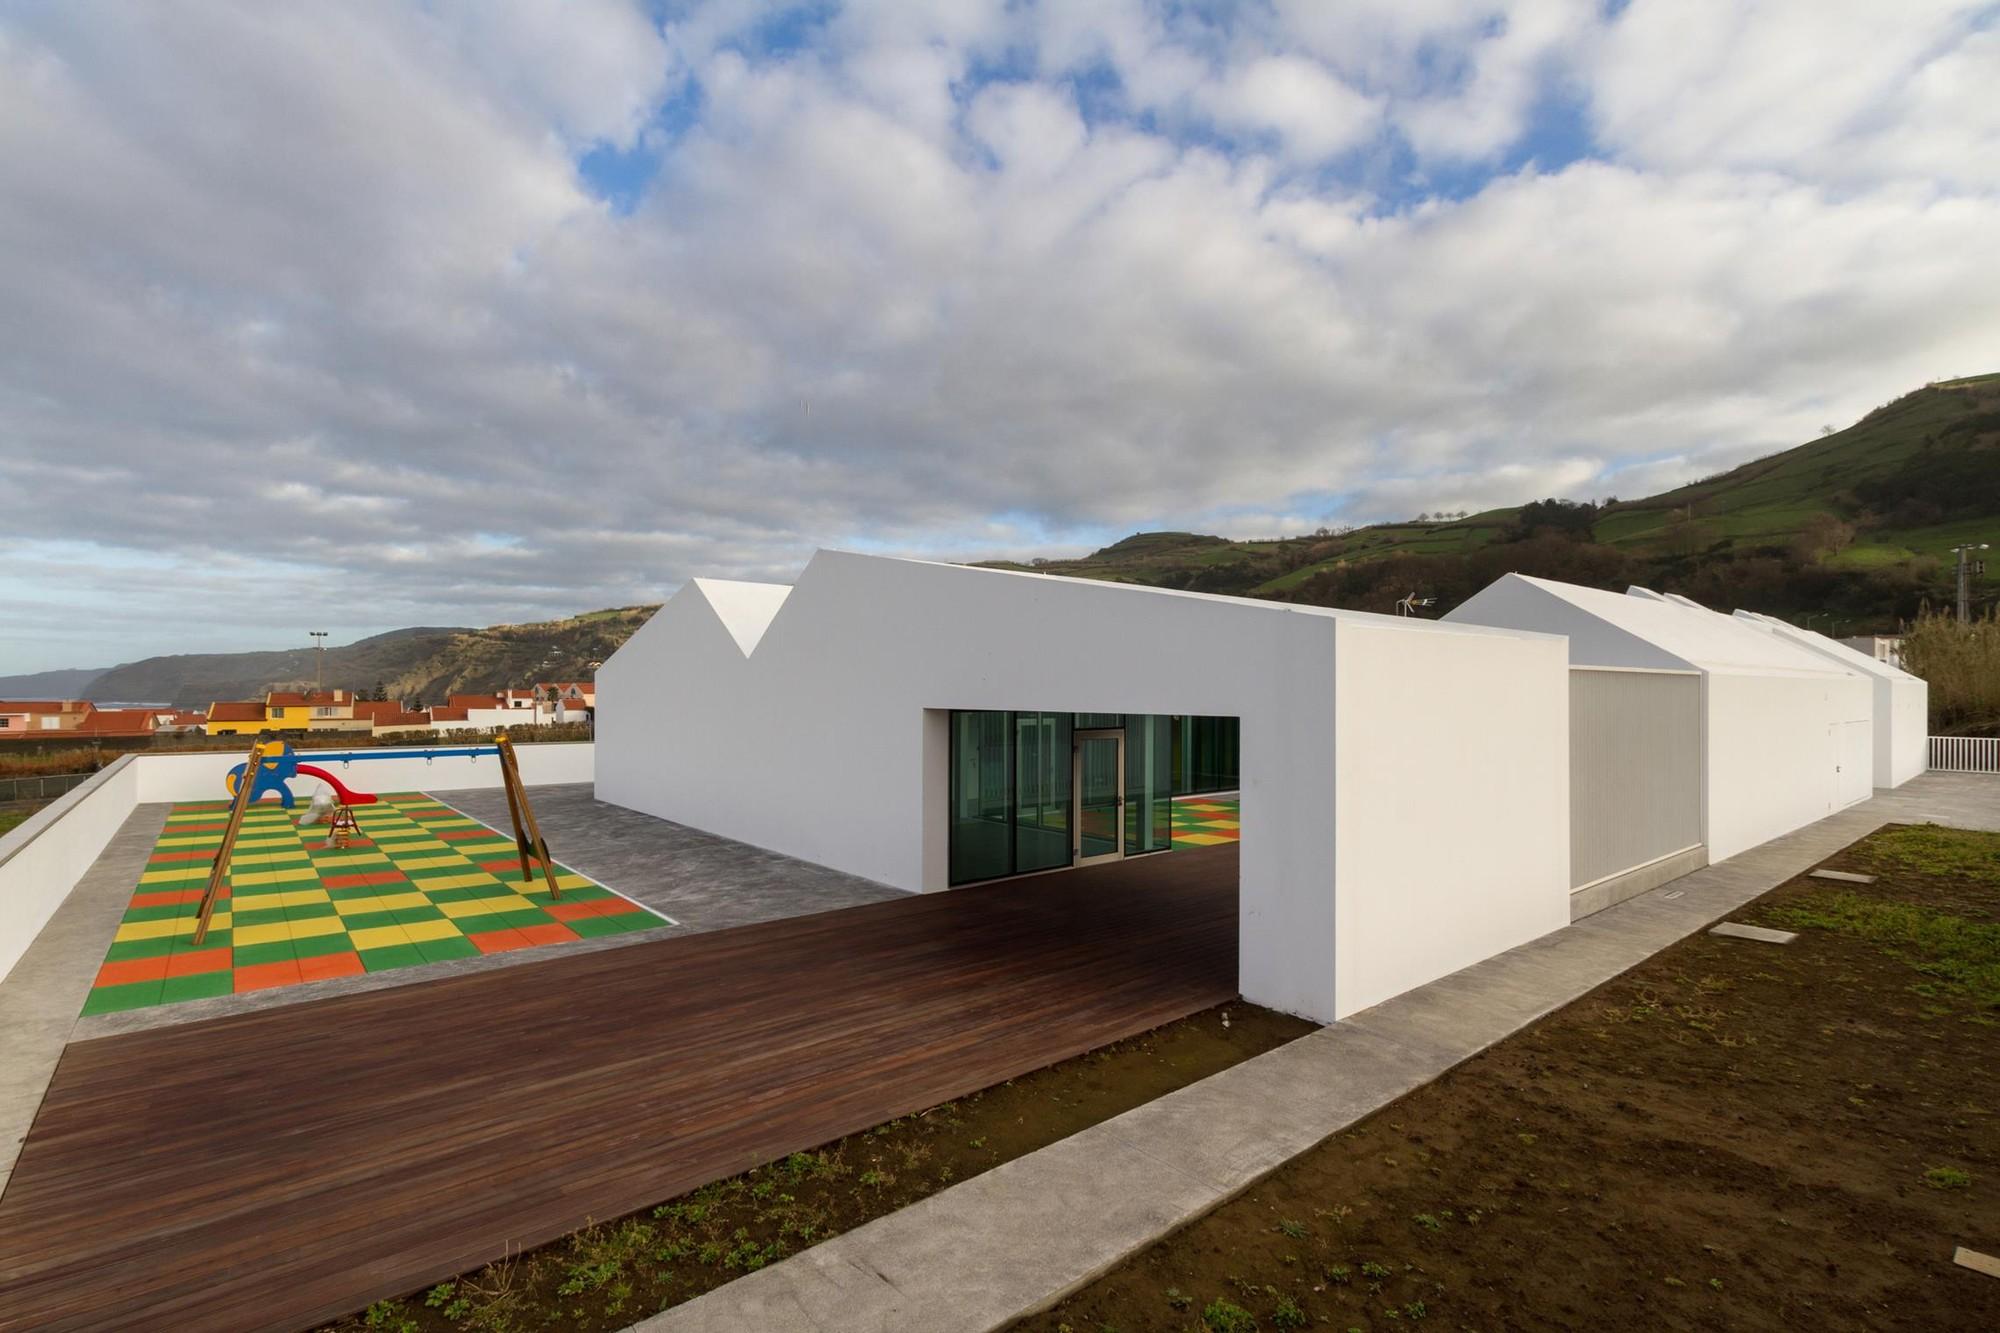 Creche da Casa do Povo da Maia / M-Arquitectos , © Paulo Goulart